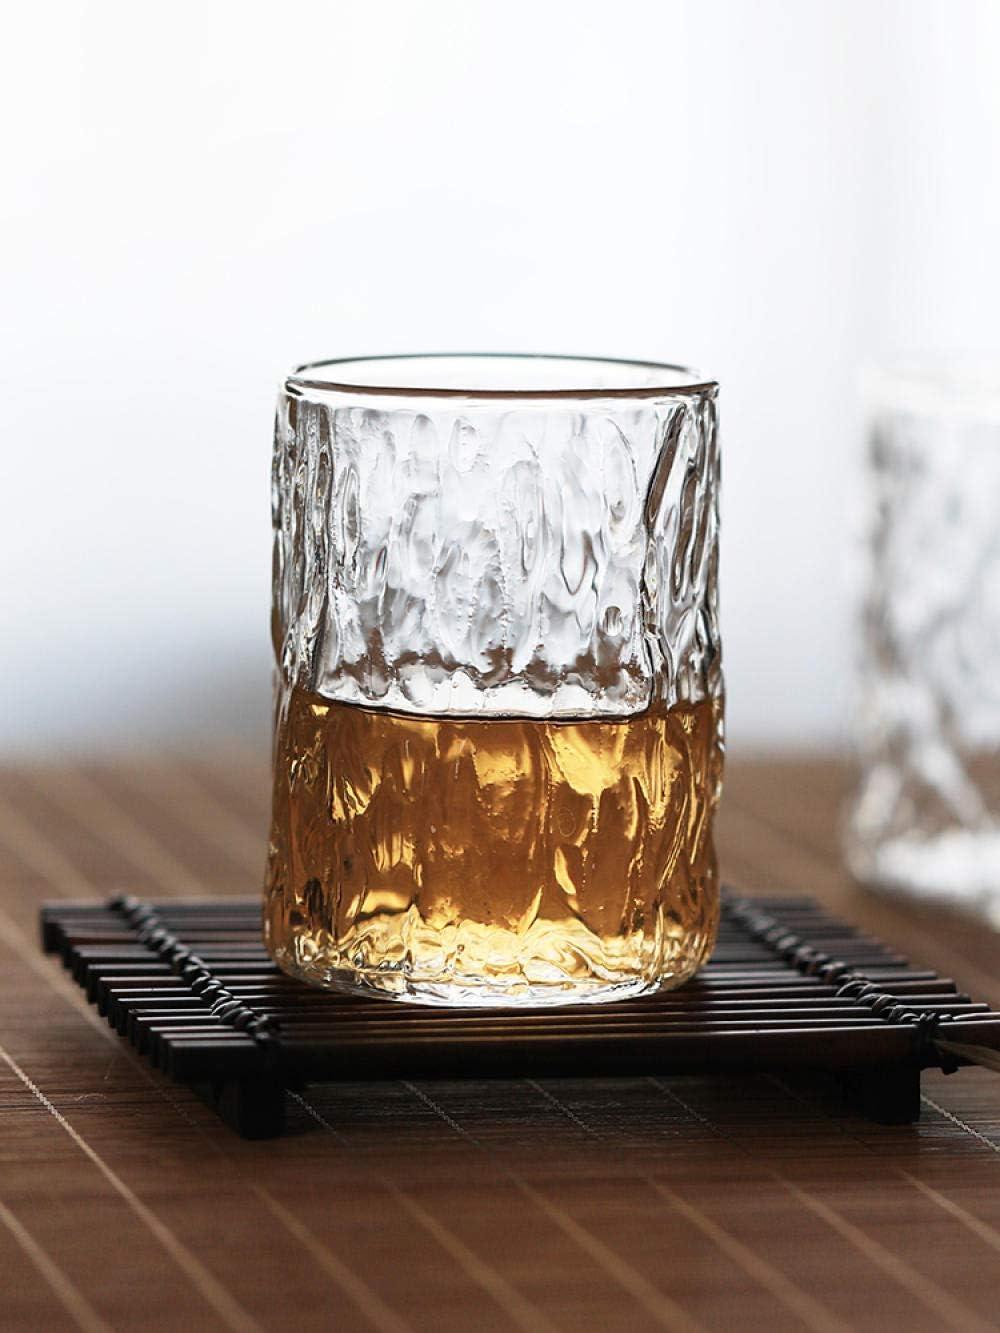 Vaso De Agua De Vidrio Con Textura Tallada, Vaso De Cerveza De Cristal Sin Plomo, Aislamiento Duradero, Adecuado Para Restaurantes Y Bares